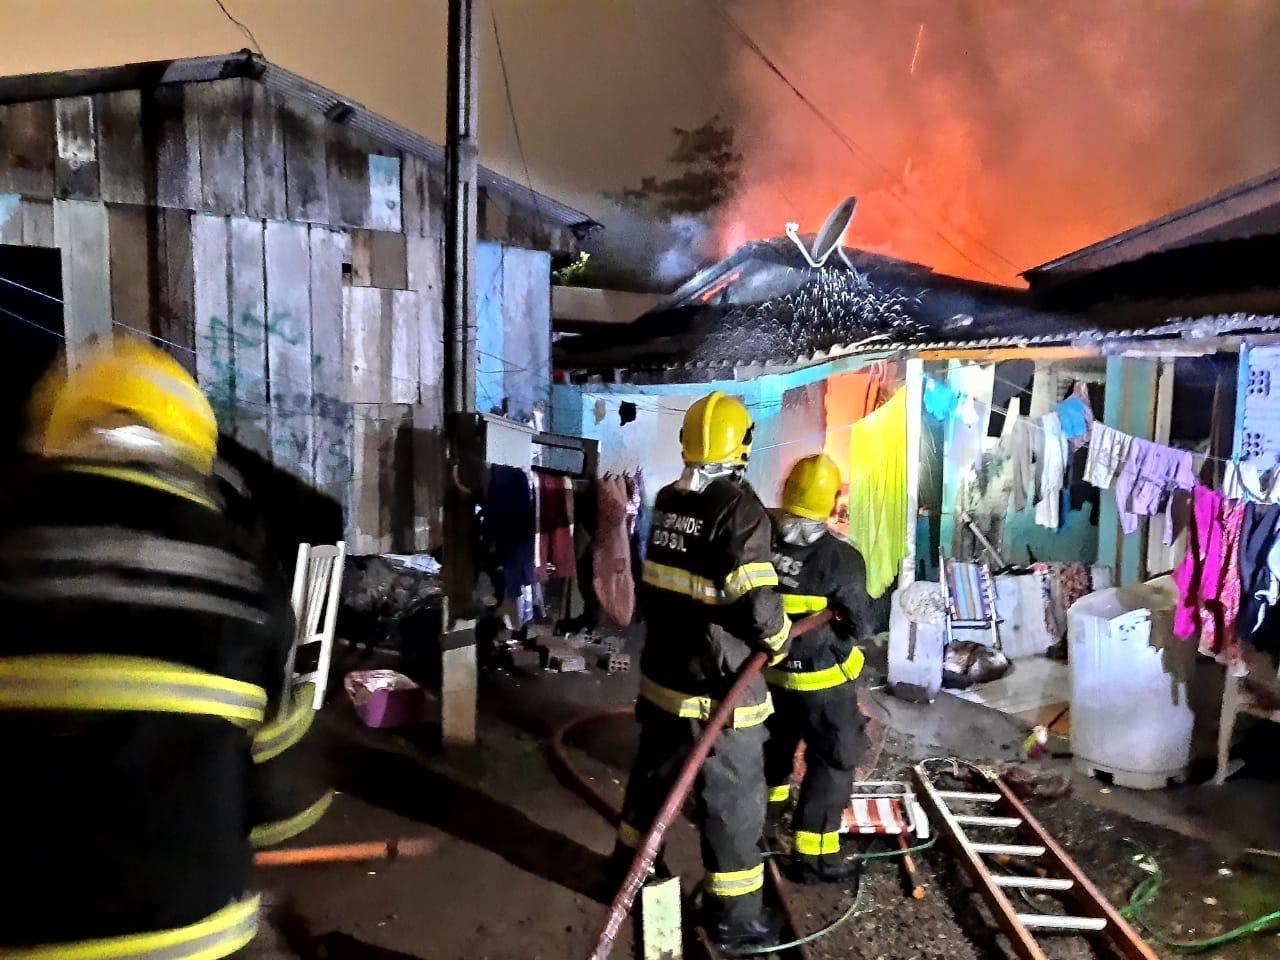 Bombeiros de Encantado combatem incêndio em residência na cidade de Muçum